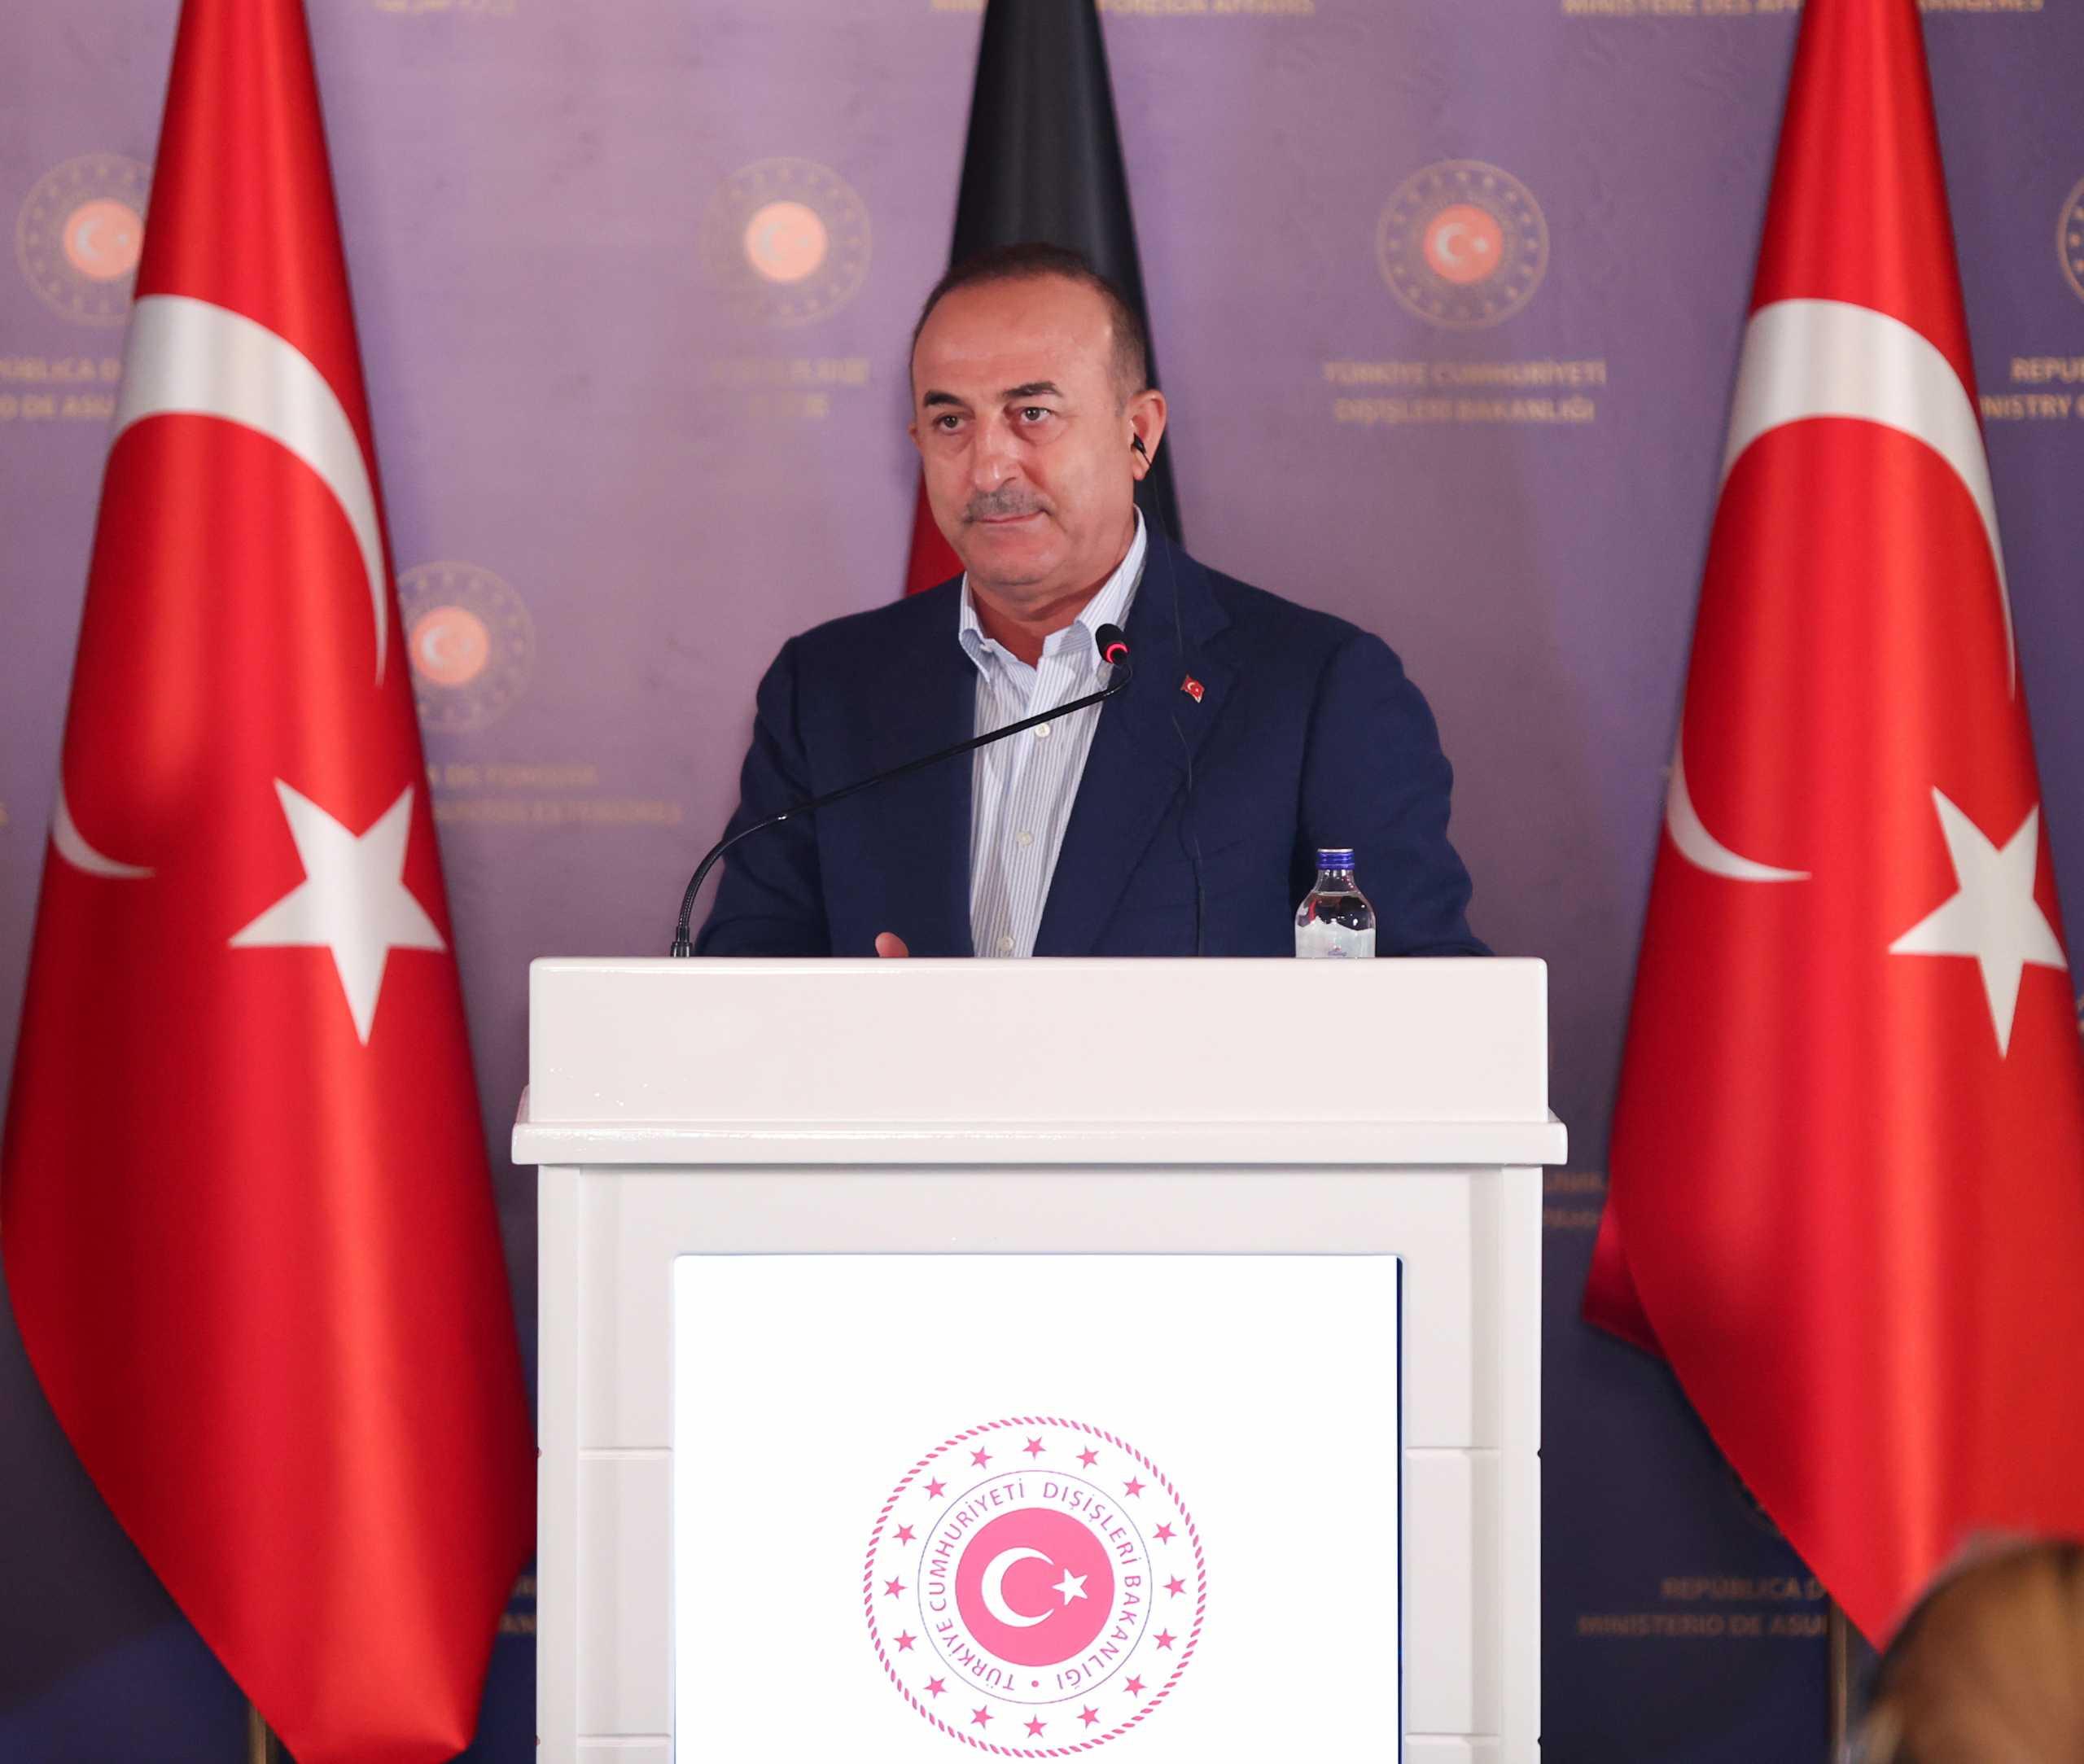 ΕΕ: Επταετή χρηματοδότηση 14,2 δις ευρώ σε Τουρκία και άλλες υπό ένταξη χώρες